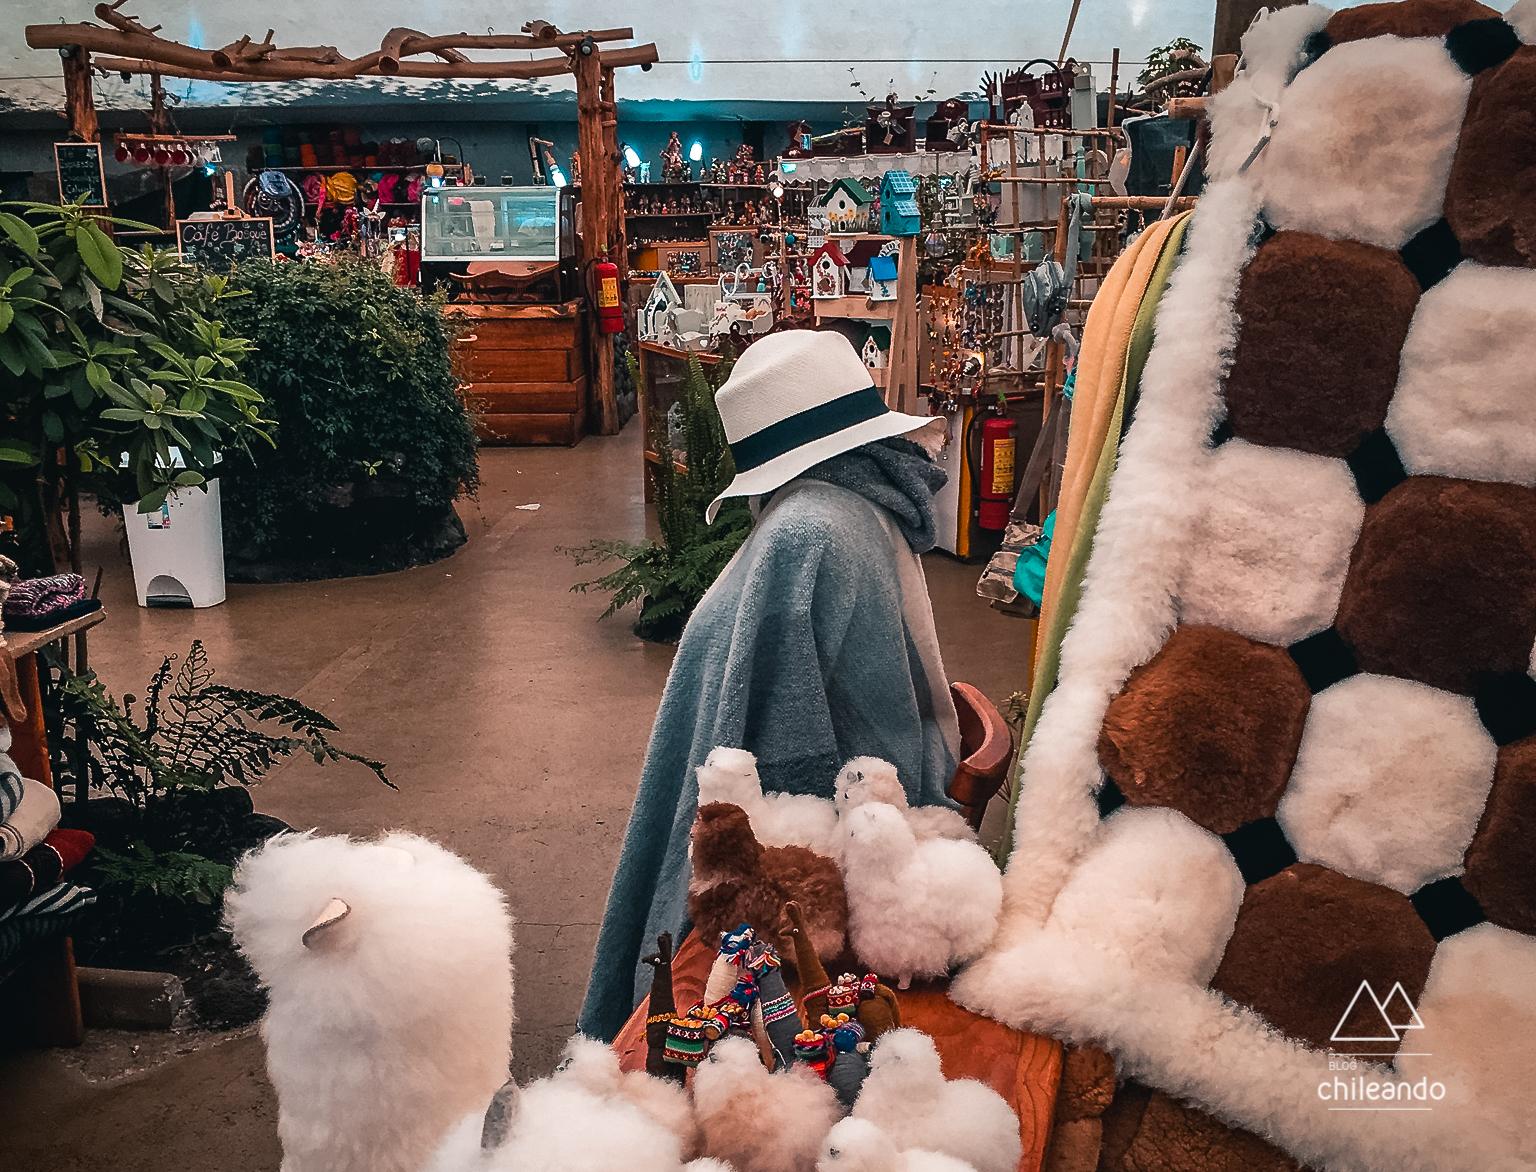 Feira de artesanatos em Pucón